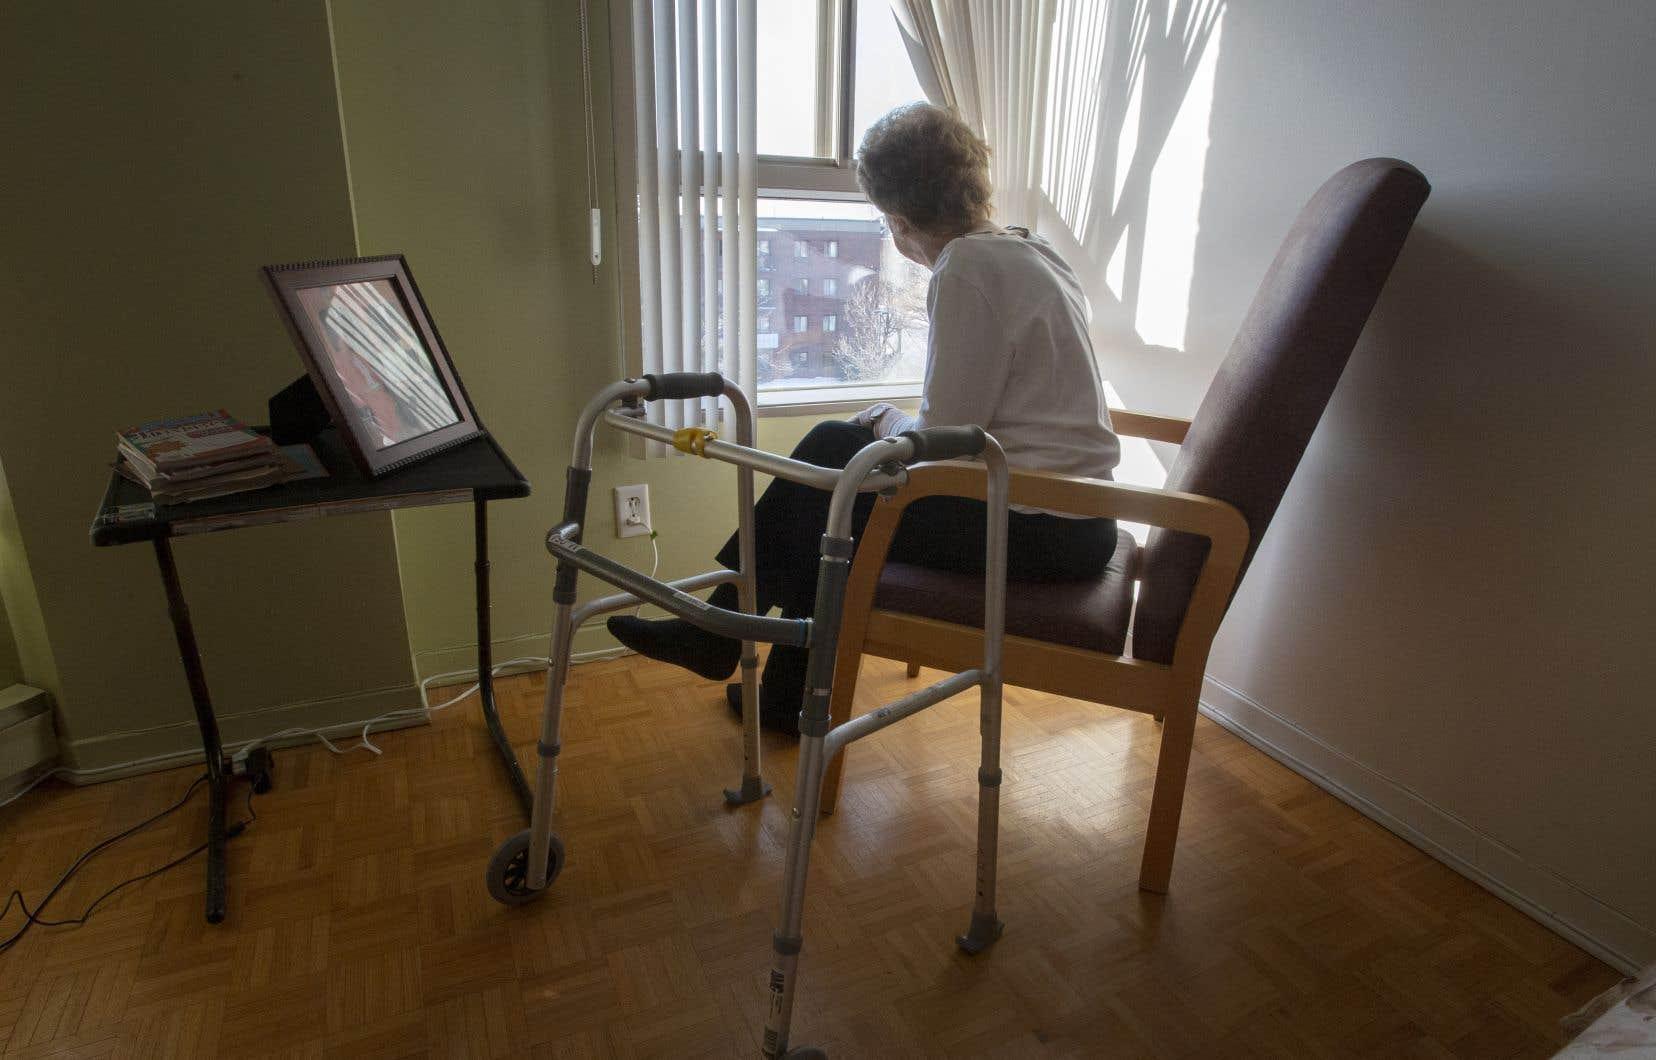 La pandémie force le confinement de milliards de personnes et l'isolement quasi complet des gens âgés en particulier.